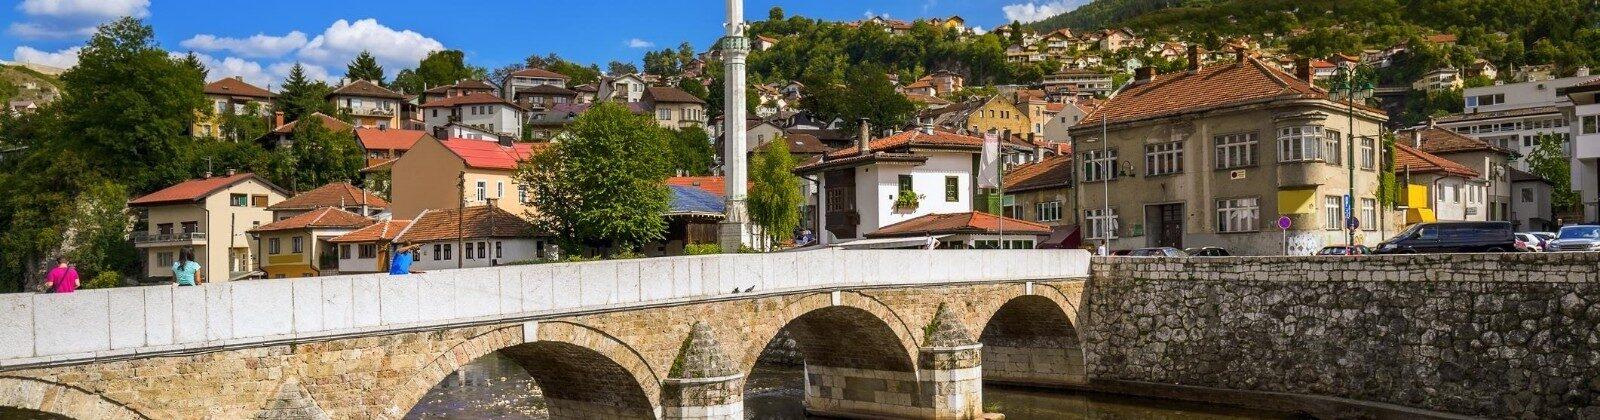 sarajevo bridge europe